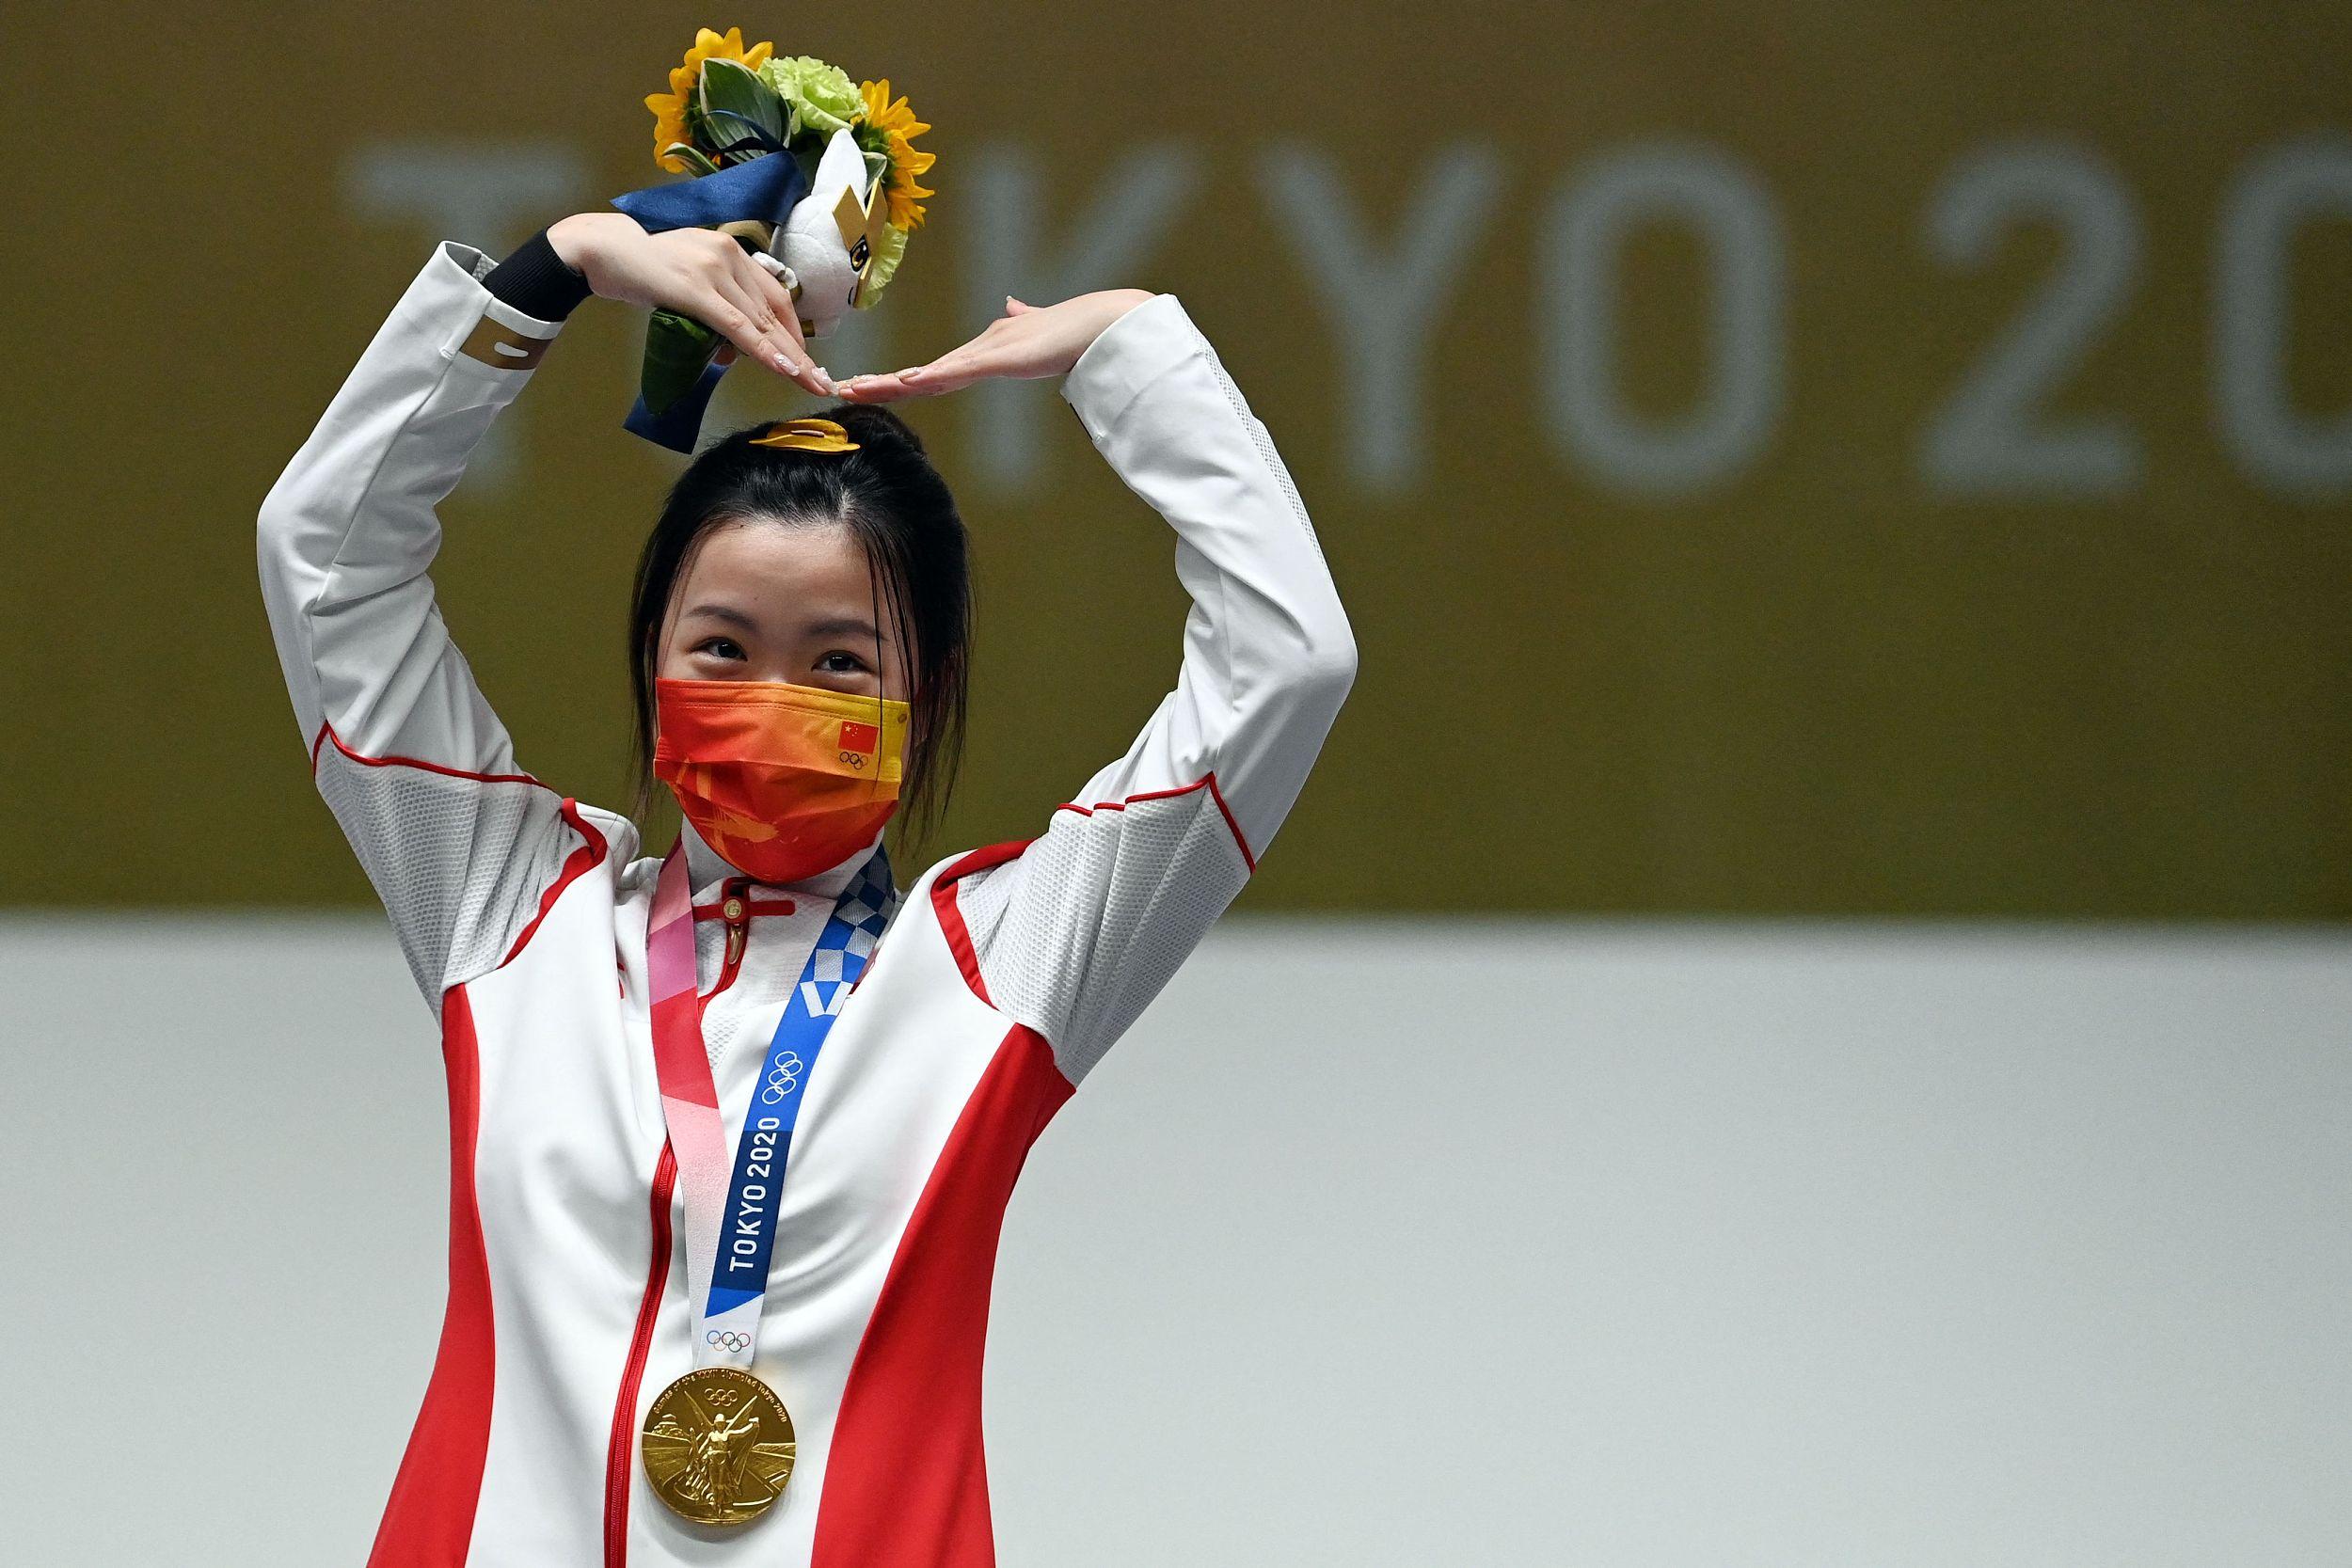 这是中国奥运历史上最年轻的首金